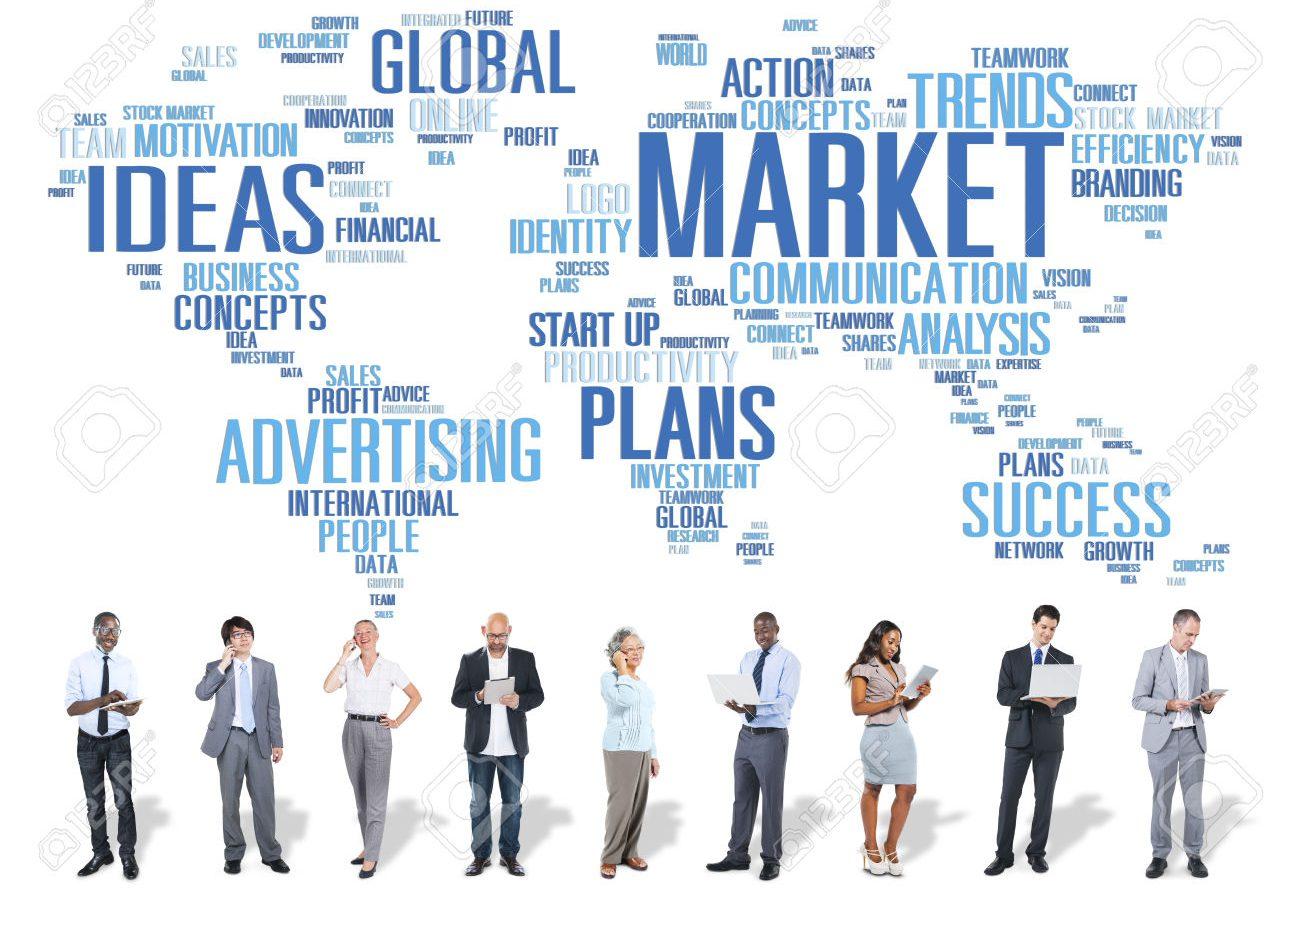 Hướng dẫn điều tra nghiên cứu thị trường trước khi khởi nghiệp - BYTUONG